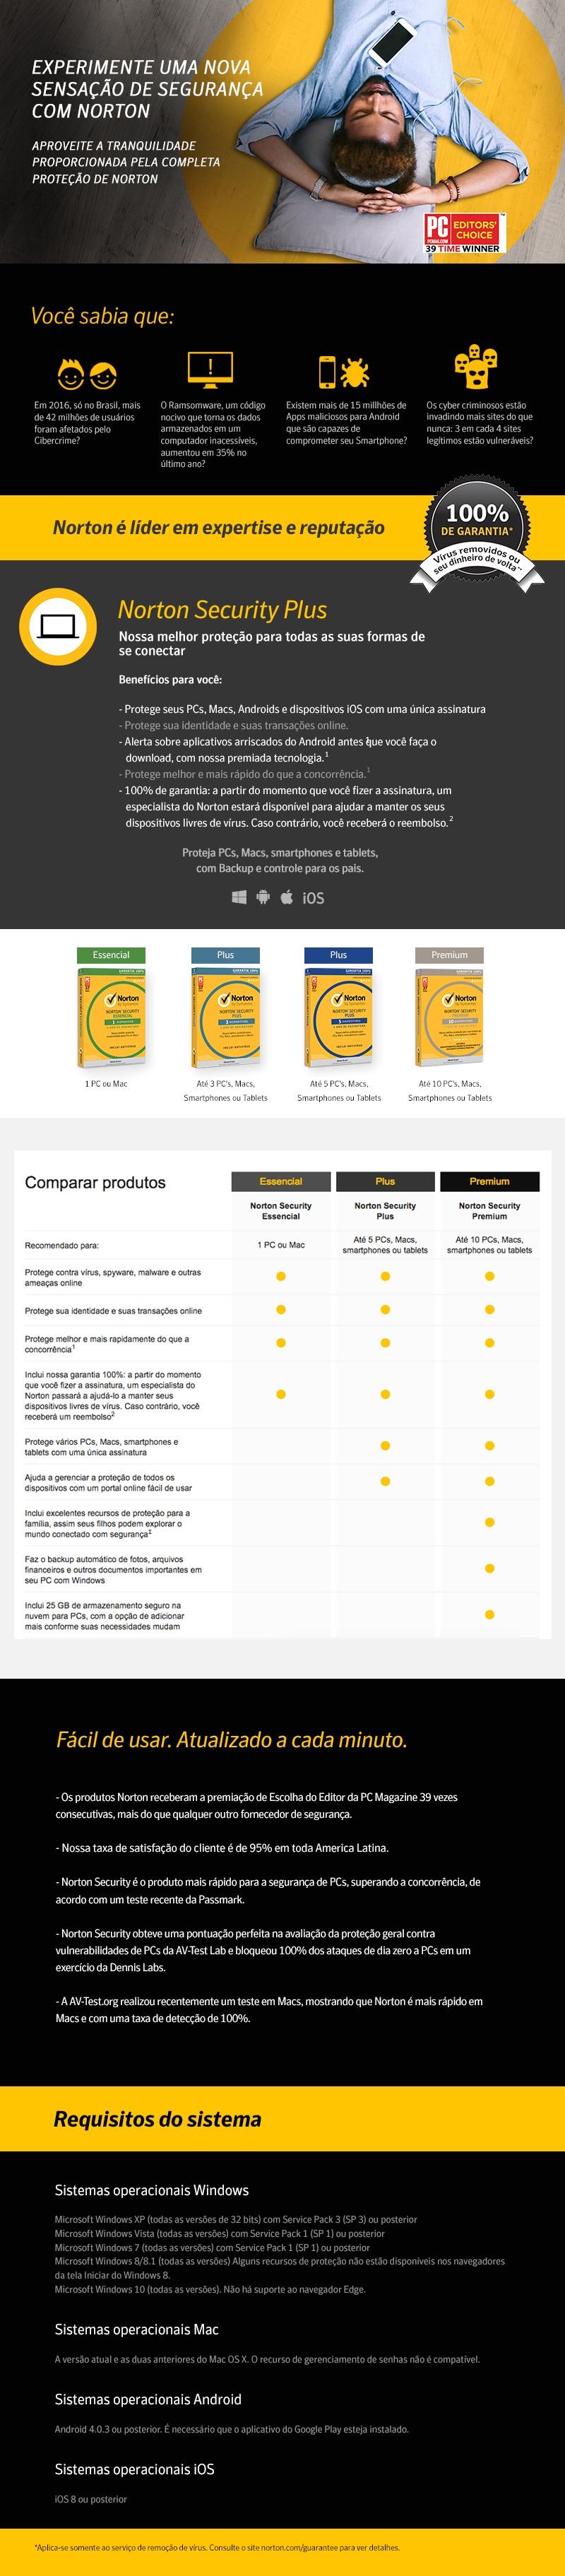 Aplicativos Norton Symantec